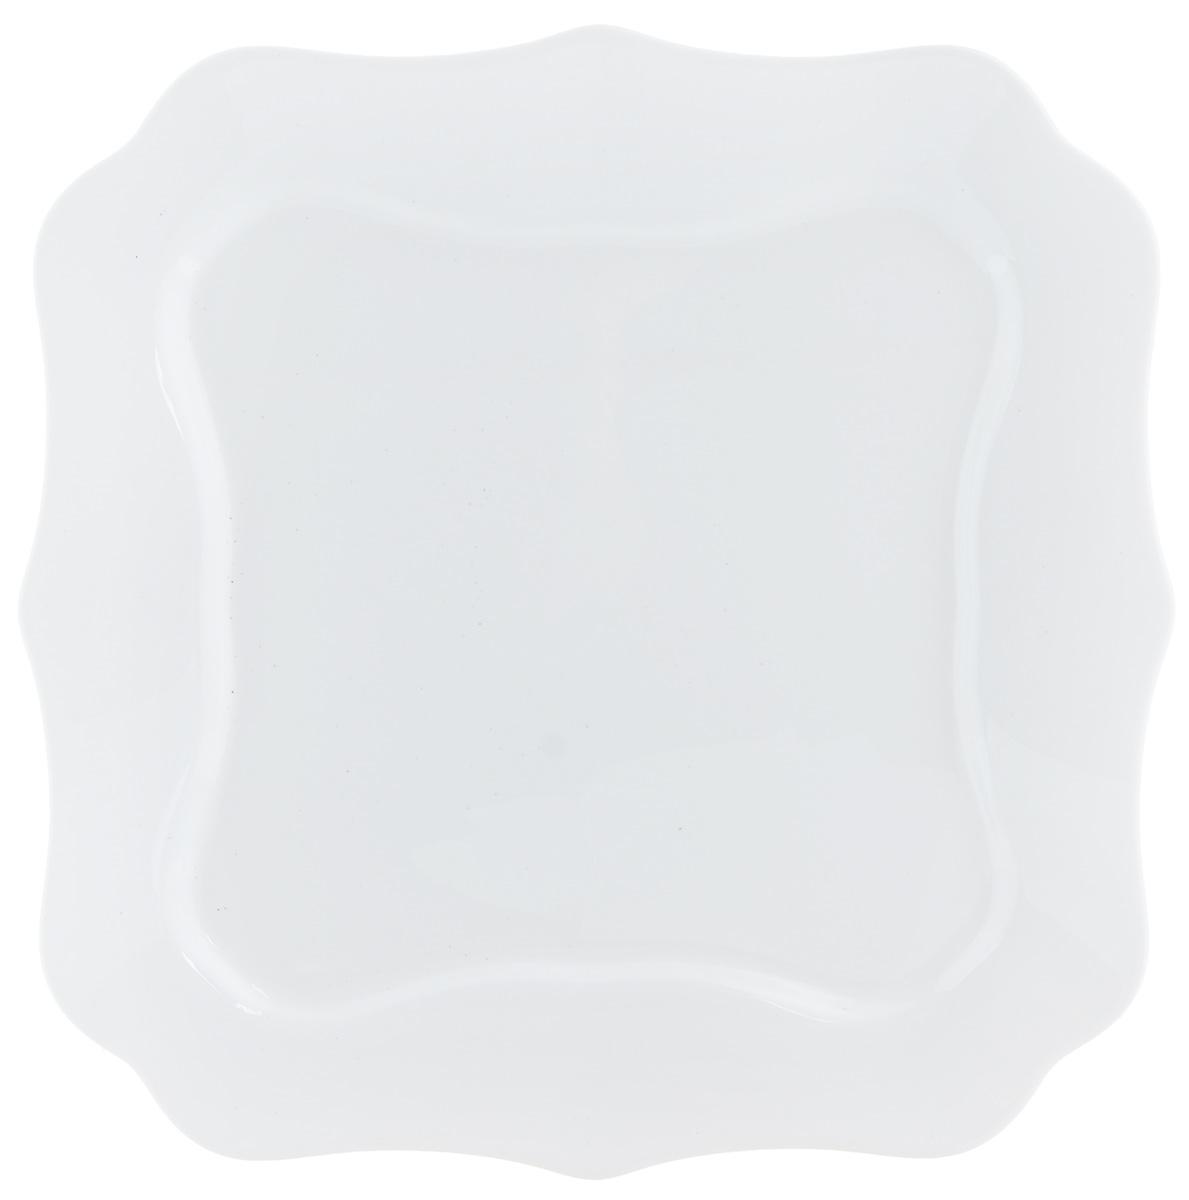 Тарелка обеденная Luminarc, 26 х 26 смJ1300_белыйОбеденная тарелка Luminarc, изготовленная из высококачественного стекла, имеет классический дизайн. Такая тарелка идеально подойдет для сервировки стола и станет отличным подарком к любому празднику. Размер (по верхнему краю): 26 х 26 см.